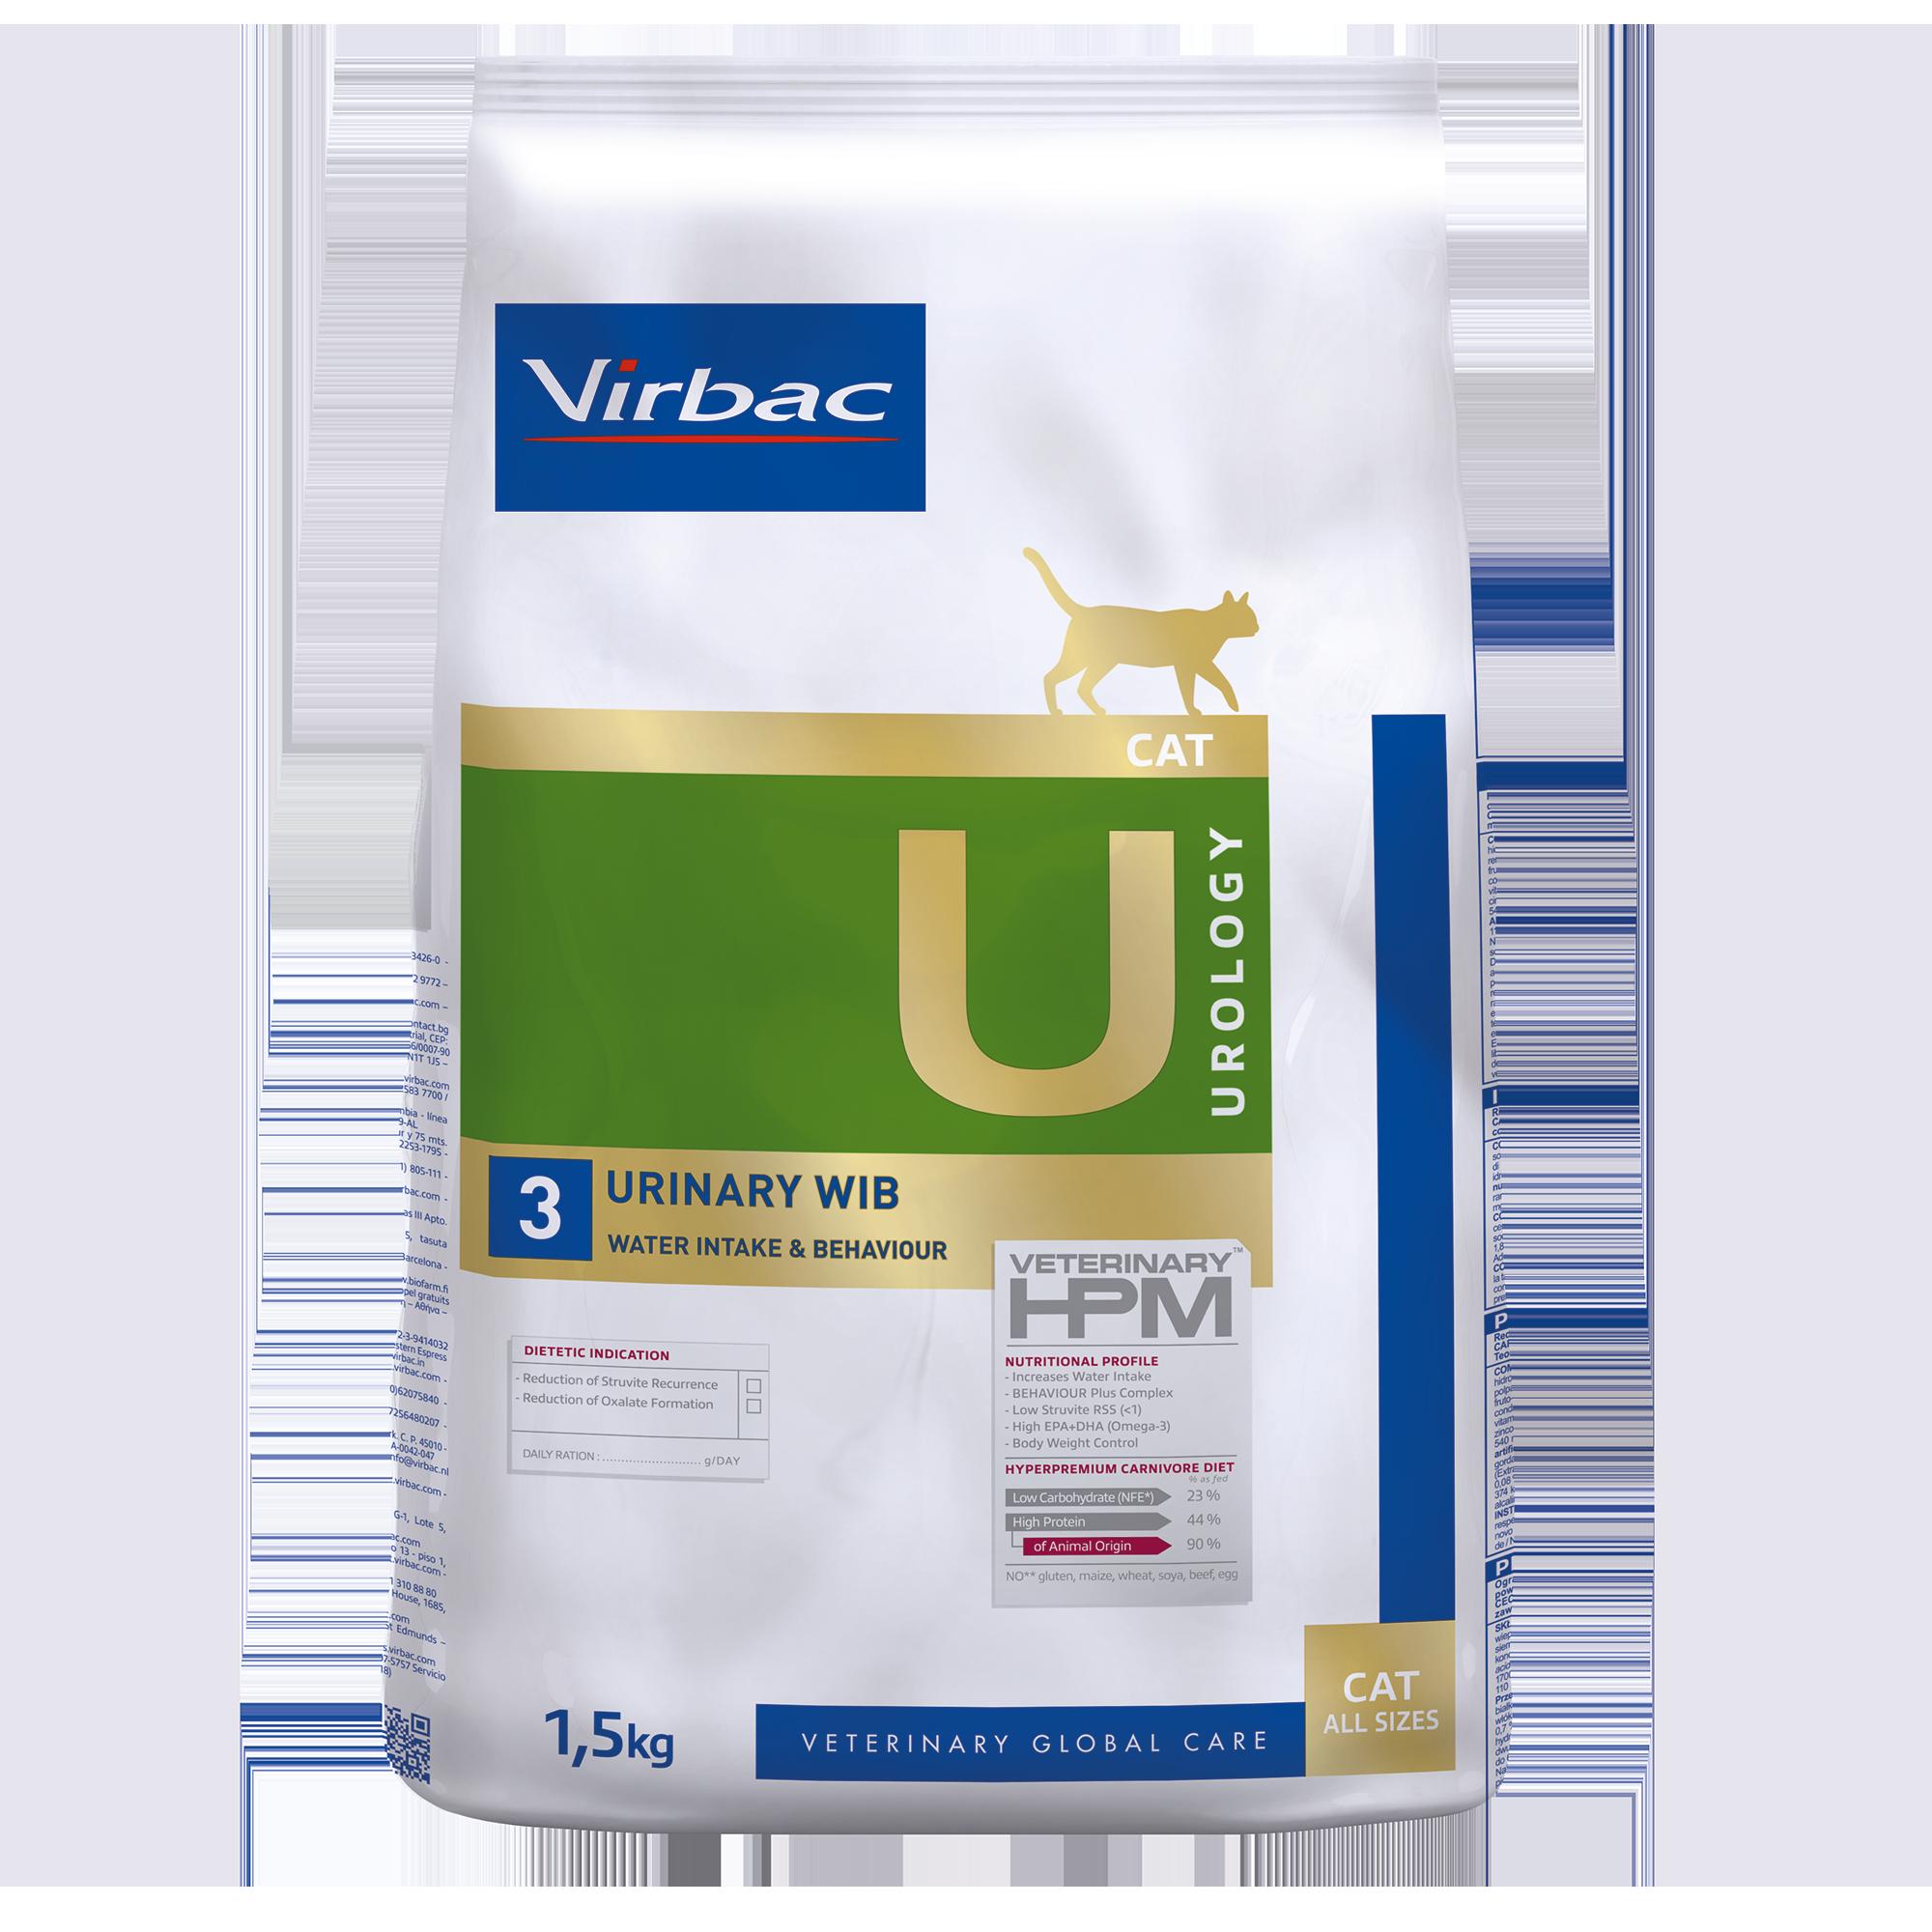 Urology 3 Cat - 1,5 kg